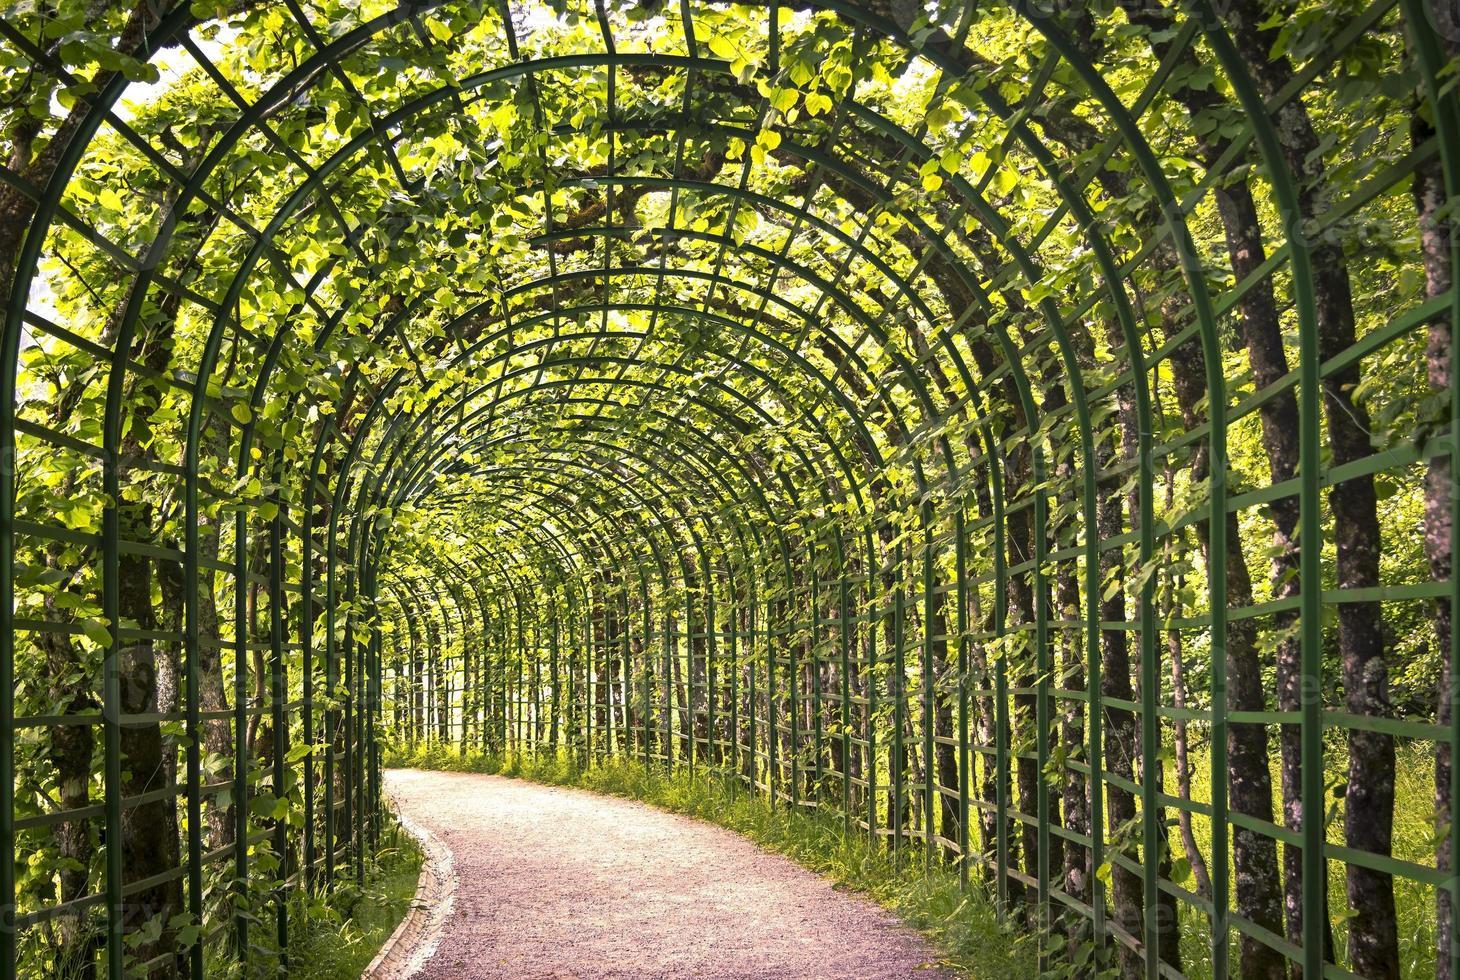 schöne grüne Arkade foto